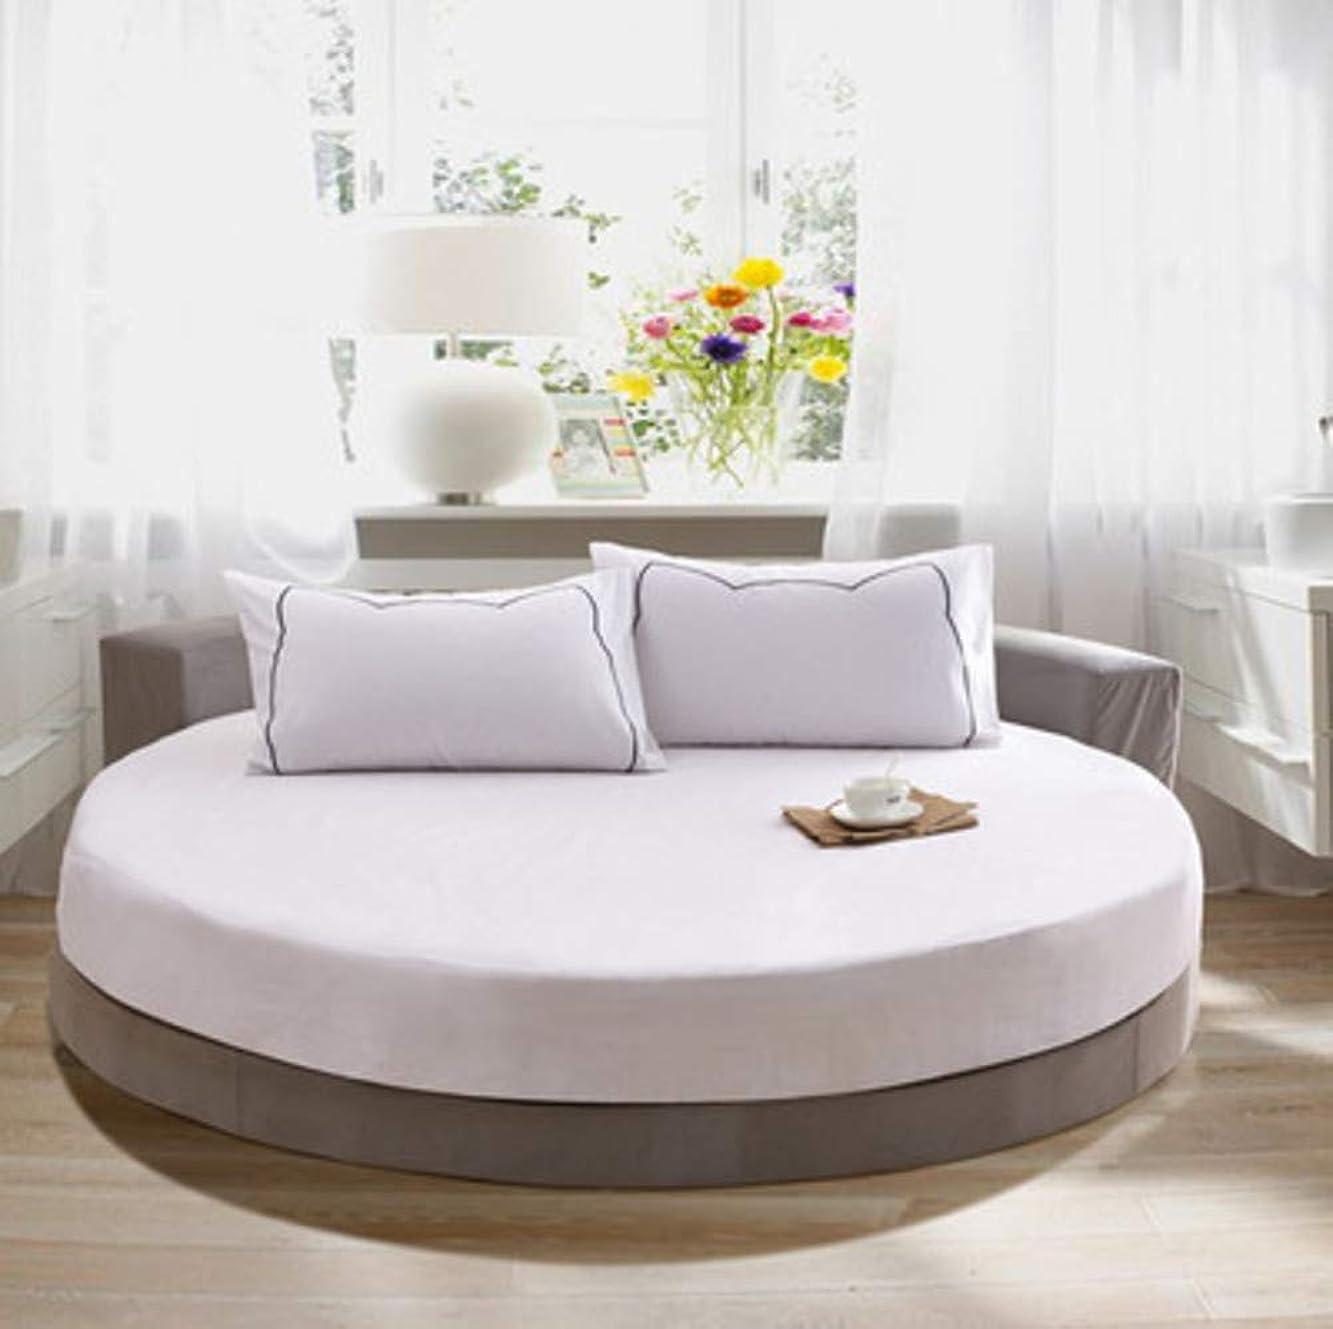 認知恐怖セットするコットン ベッド スカート,単色 ラウンド ベッド シート ベッド カバー 簡単なケア ほこりしわ ベッド カバー シート,キルト綿のベッド スカート-A